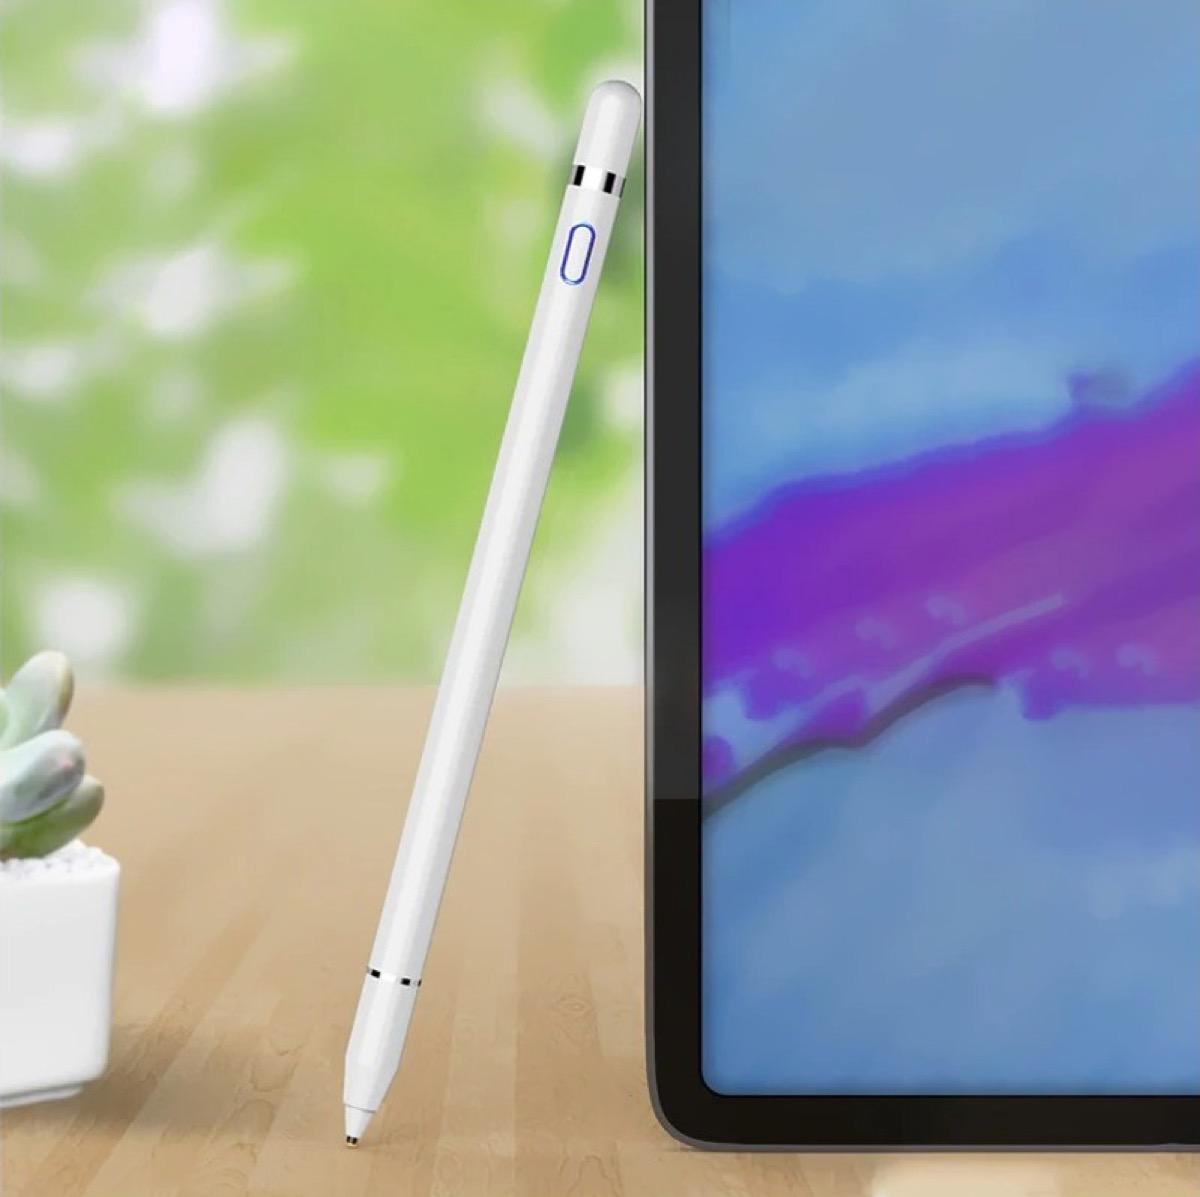 Il clone di Apple Pencil si acquista a soli 16 €: compatibile con iPad e iPhone